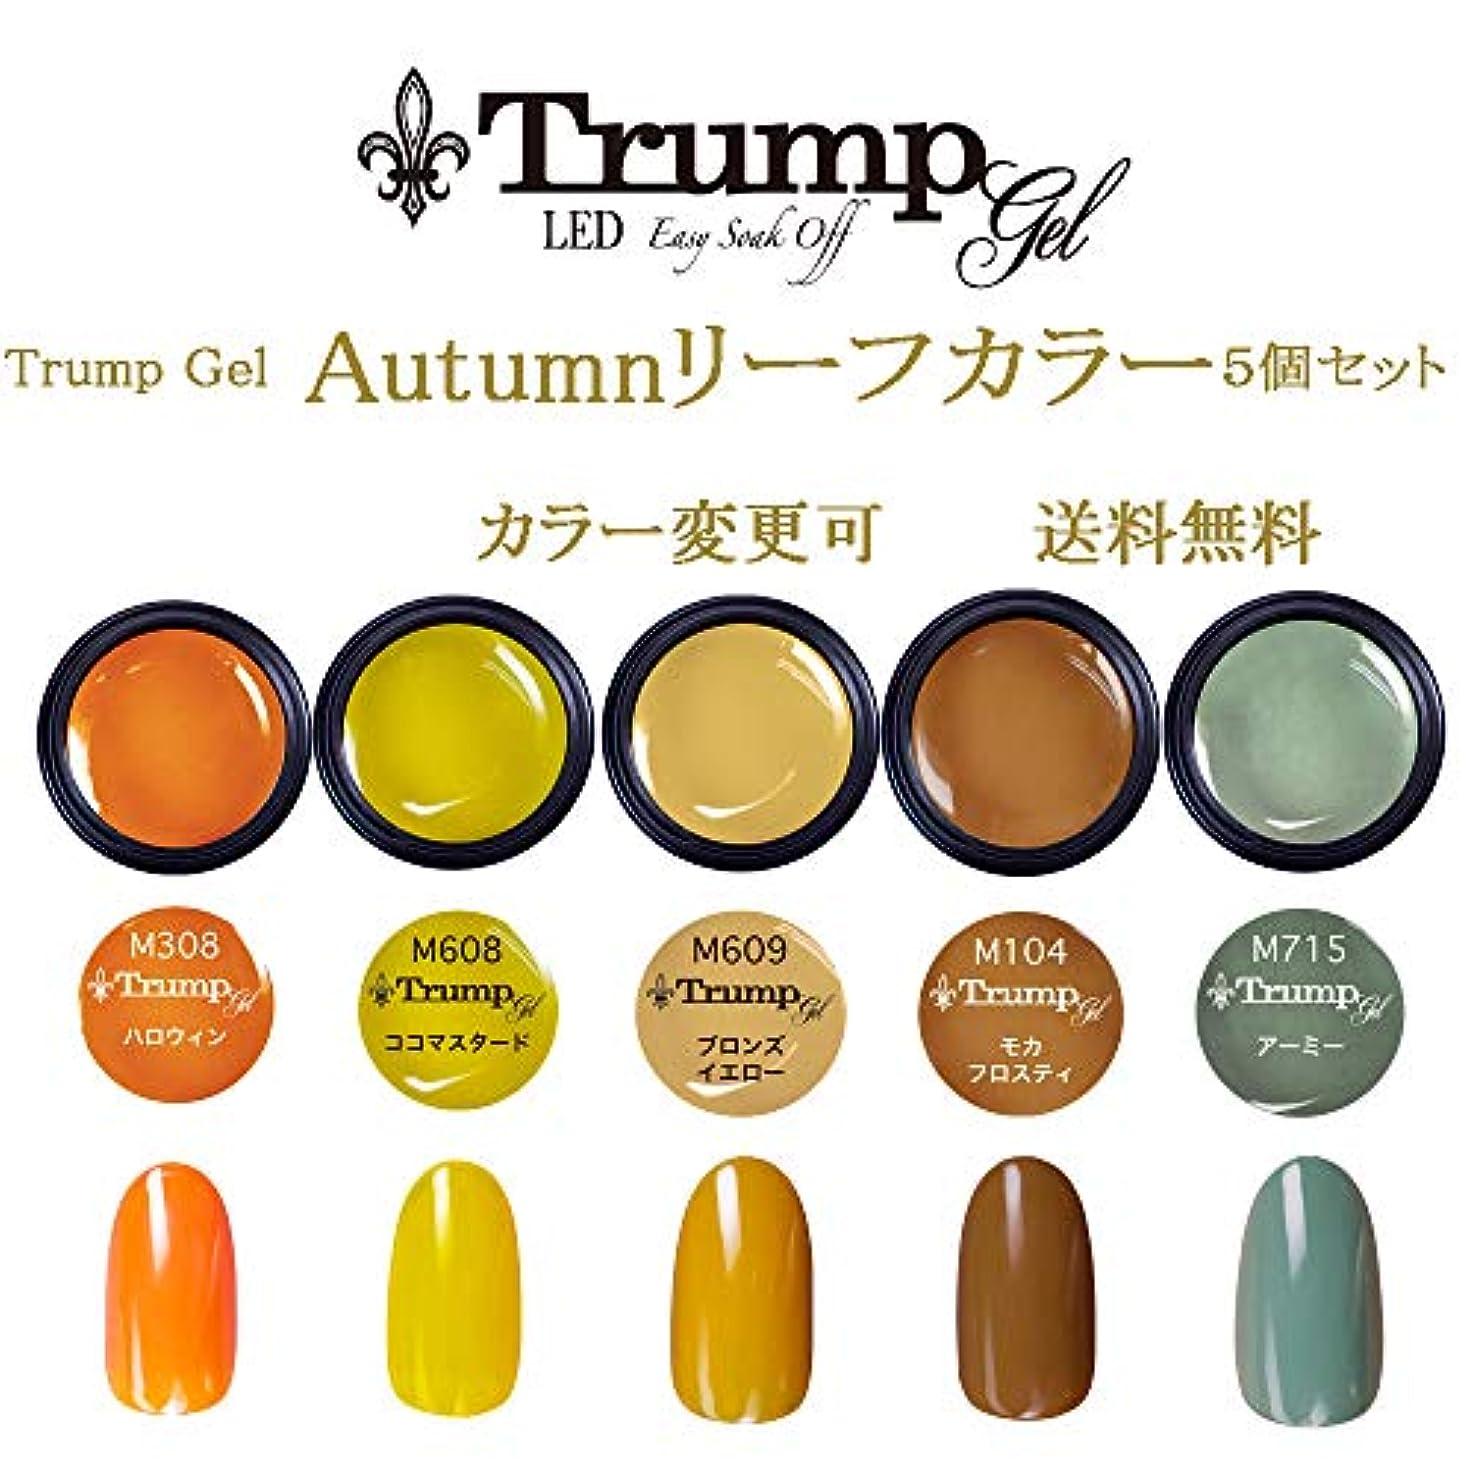 はっきりしない写真瞑想する【送料無料】日本製 Trump gel トランプジェル オータムリーフカラー 選べる カラージェル 5個セット オータムネイル ベージュ ブラウン マスタード カラー